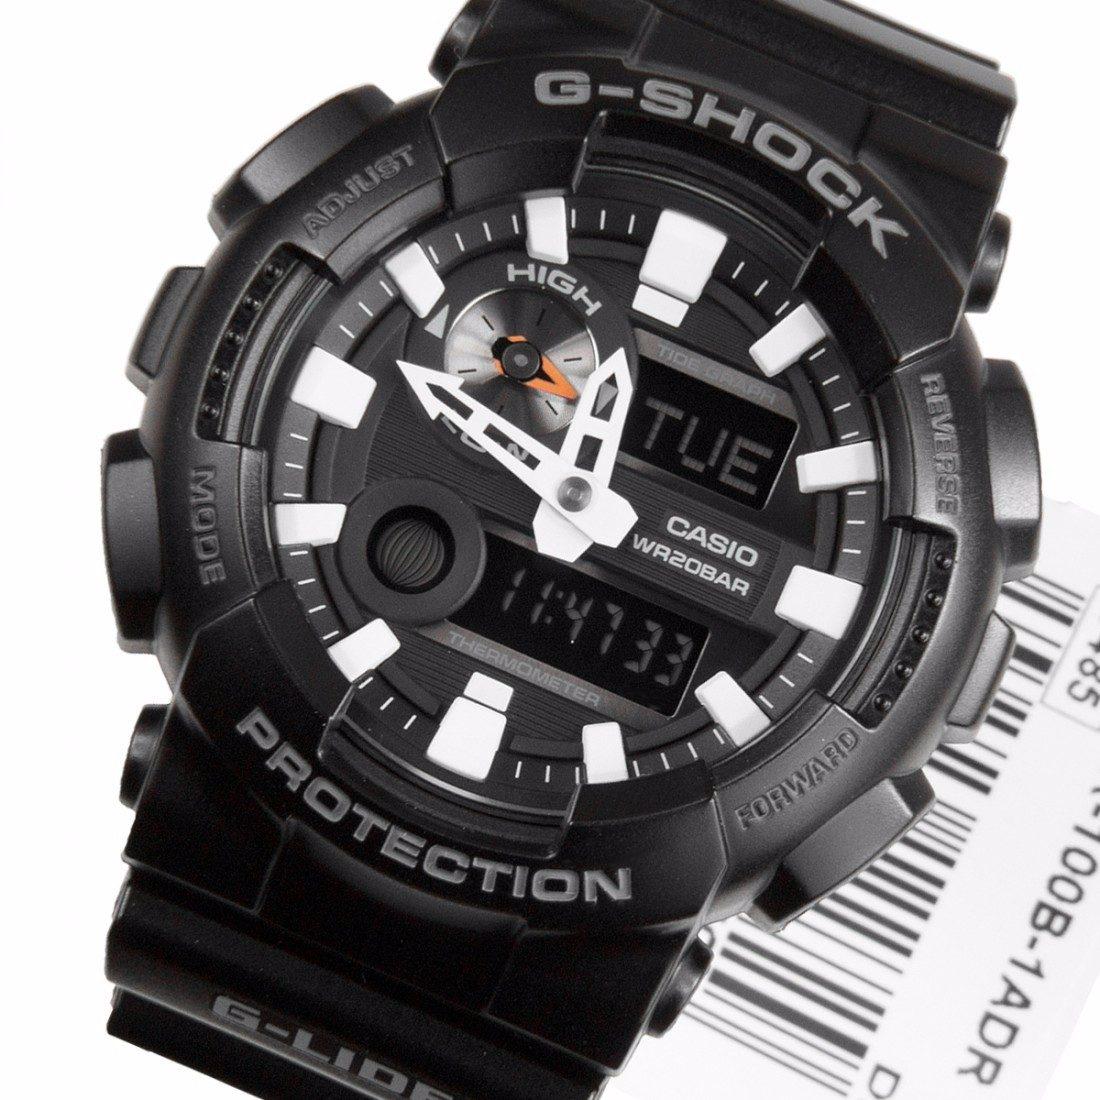 b9e5b57eec0 Relógio Casio G Shock Gax 100b-1a G Lide Ga100 Original - R  569